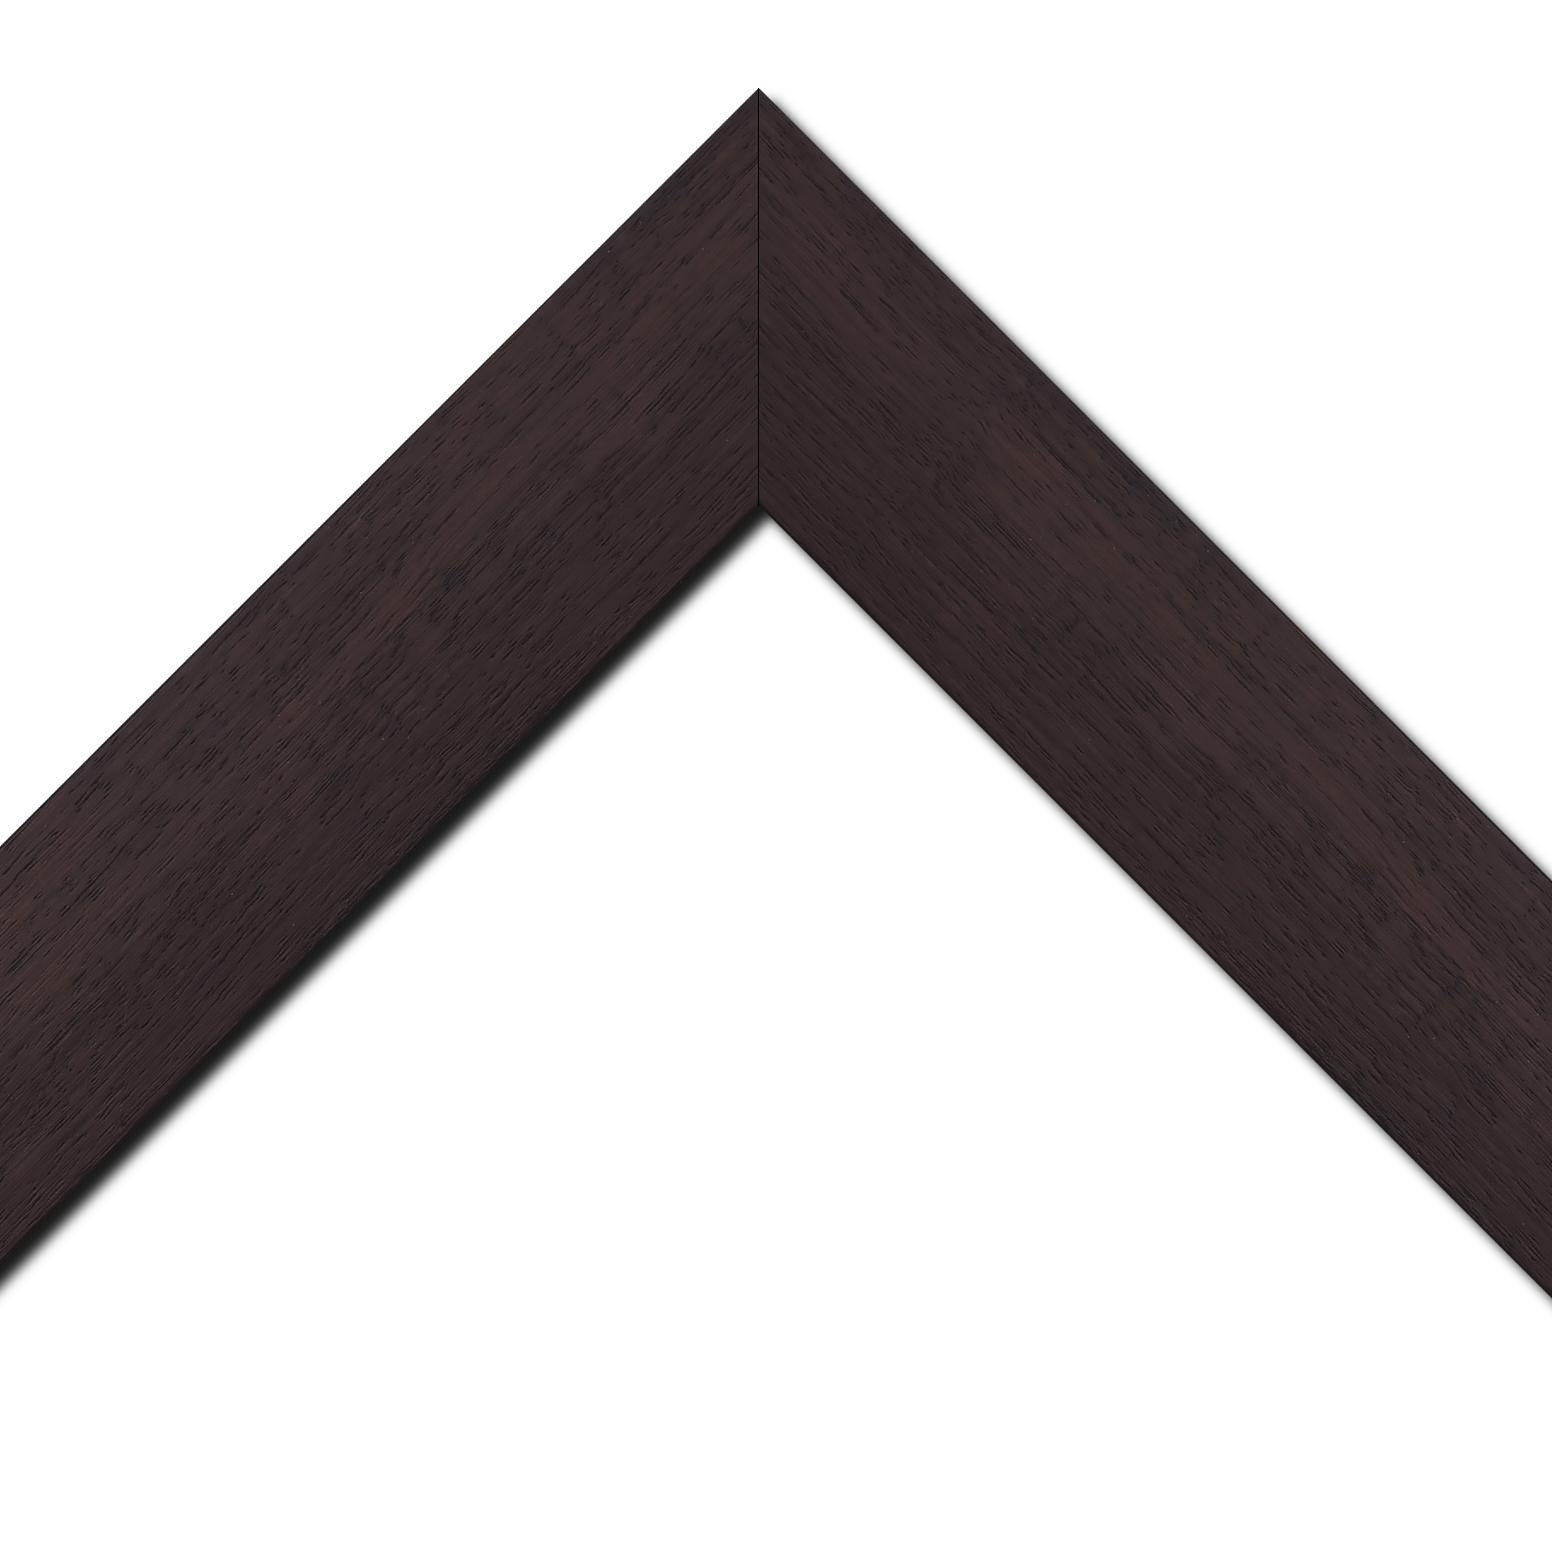 Baguette bois profil plat largeur 5.9cm couleur marron foncé satiné